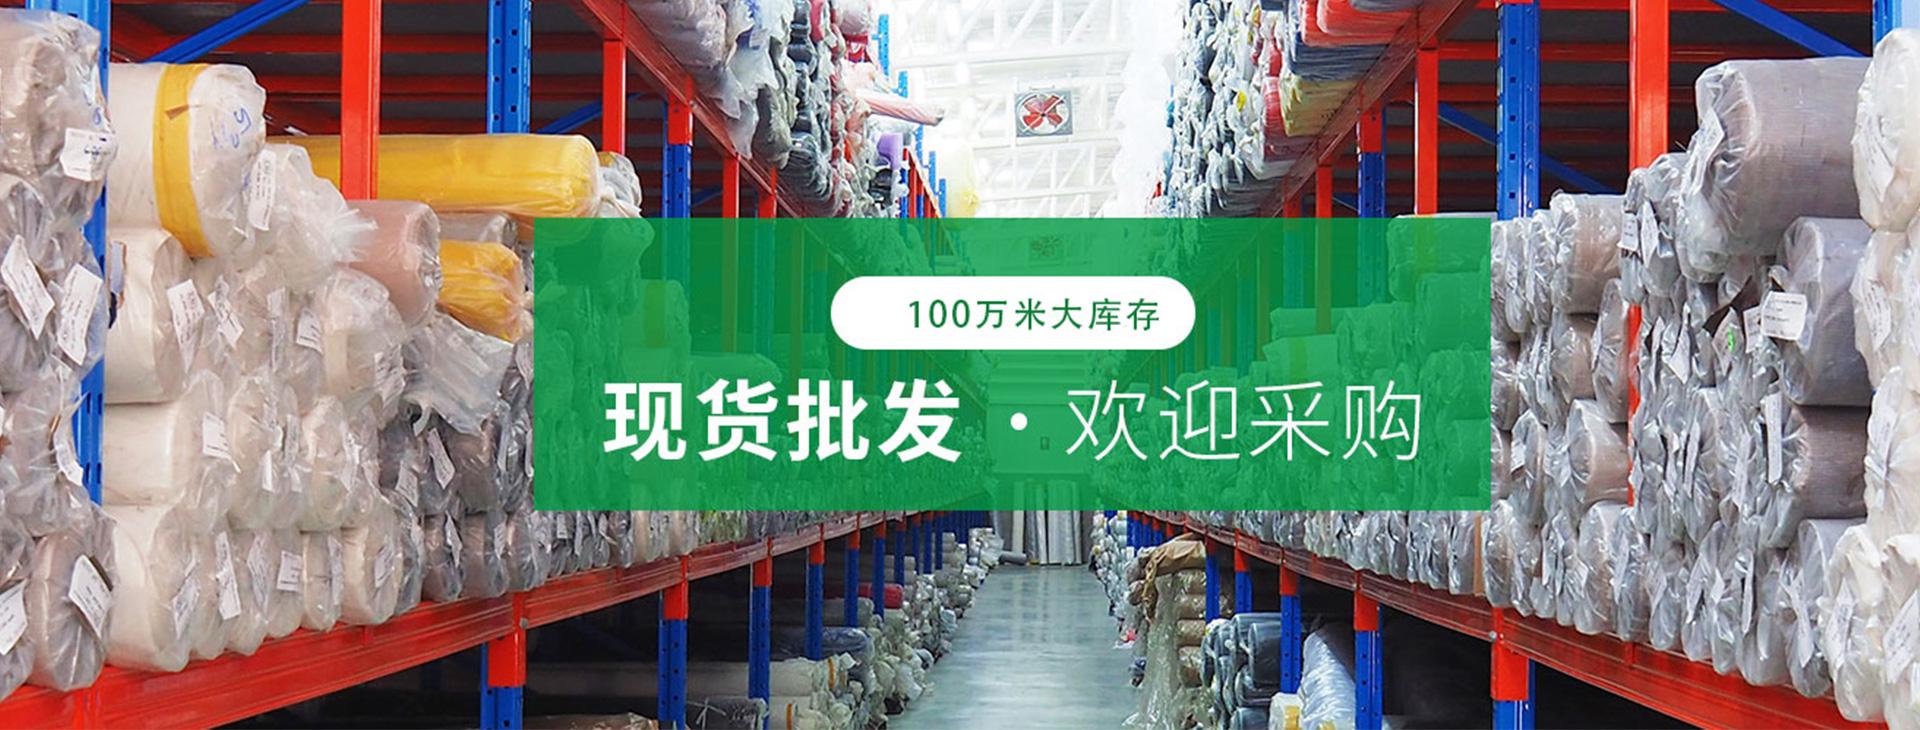 金鸿胜-100万米大库存,现货批发,欢迎采购